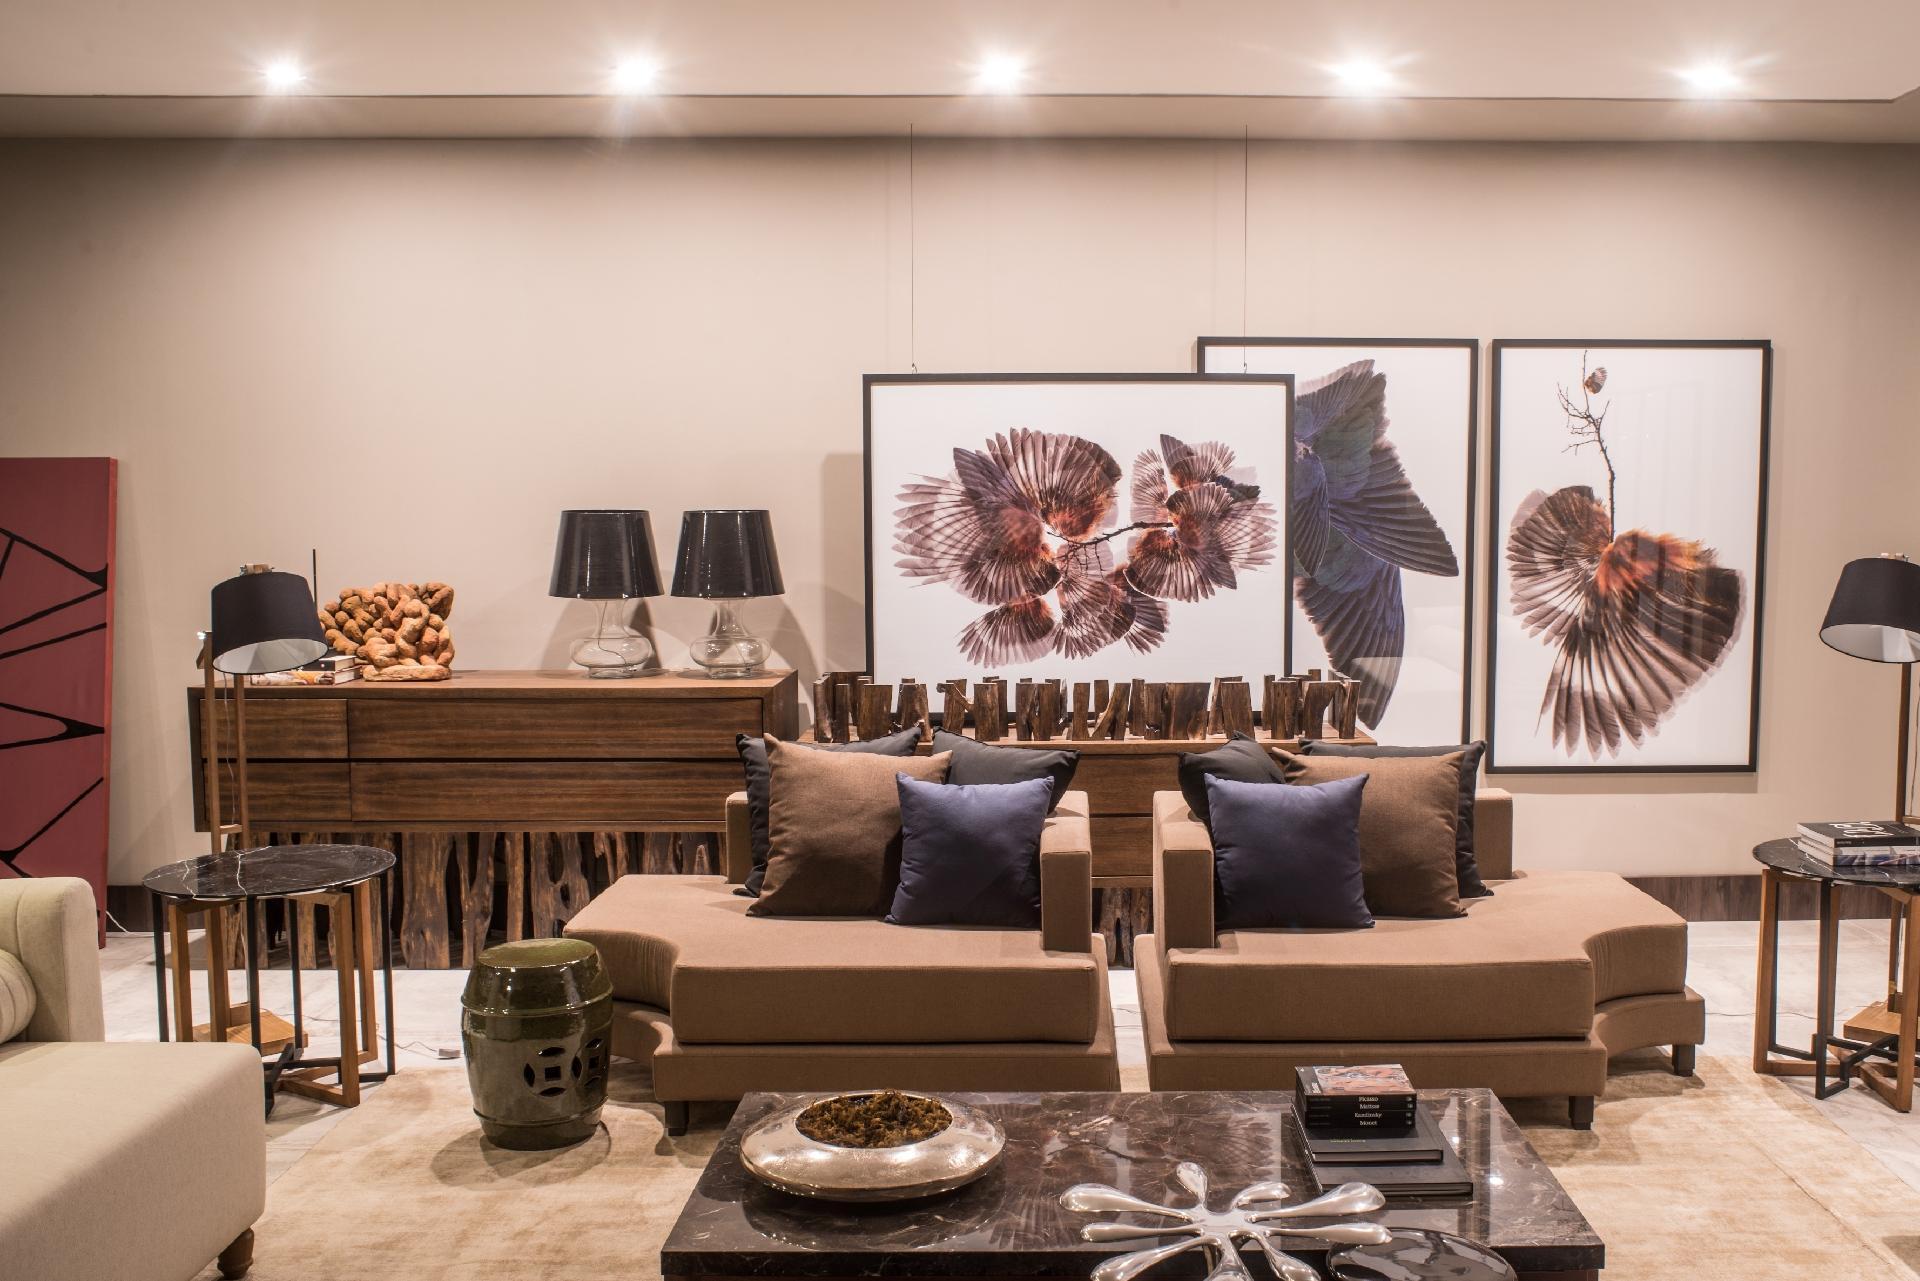 Casa Cor MT 2016 - Para o Estar Íntimo, o designer de interiores Thiago Alencar criou peças exclusivas que propõem o conforto, mas também uma assinatura artística. O bufê (ao fundo) foi construído com pedaços de troncos e galhos de guarantã, o que dá um toque natural e surpreendente ao espaço